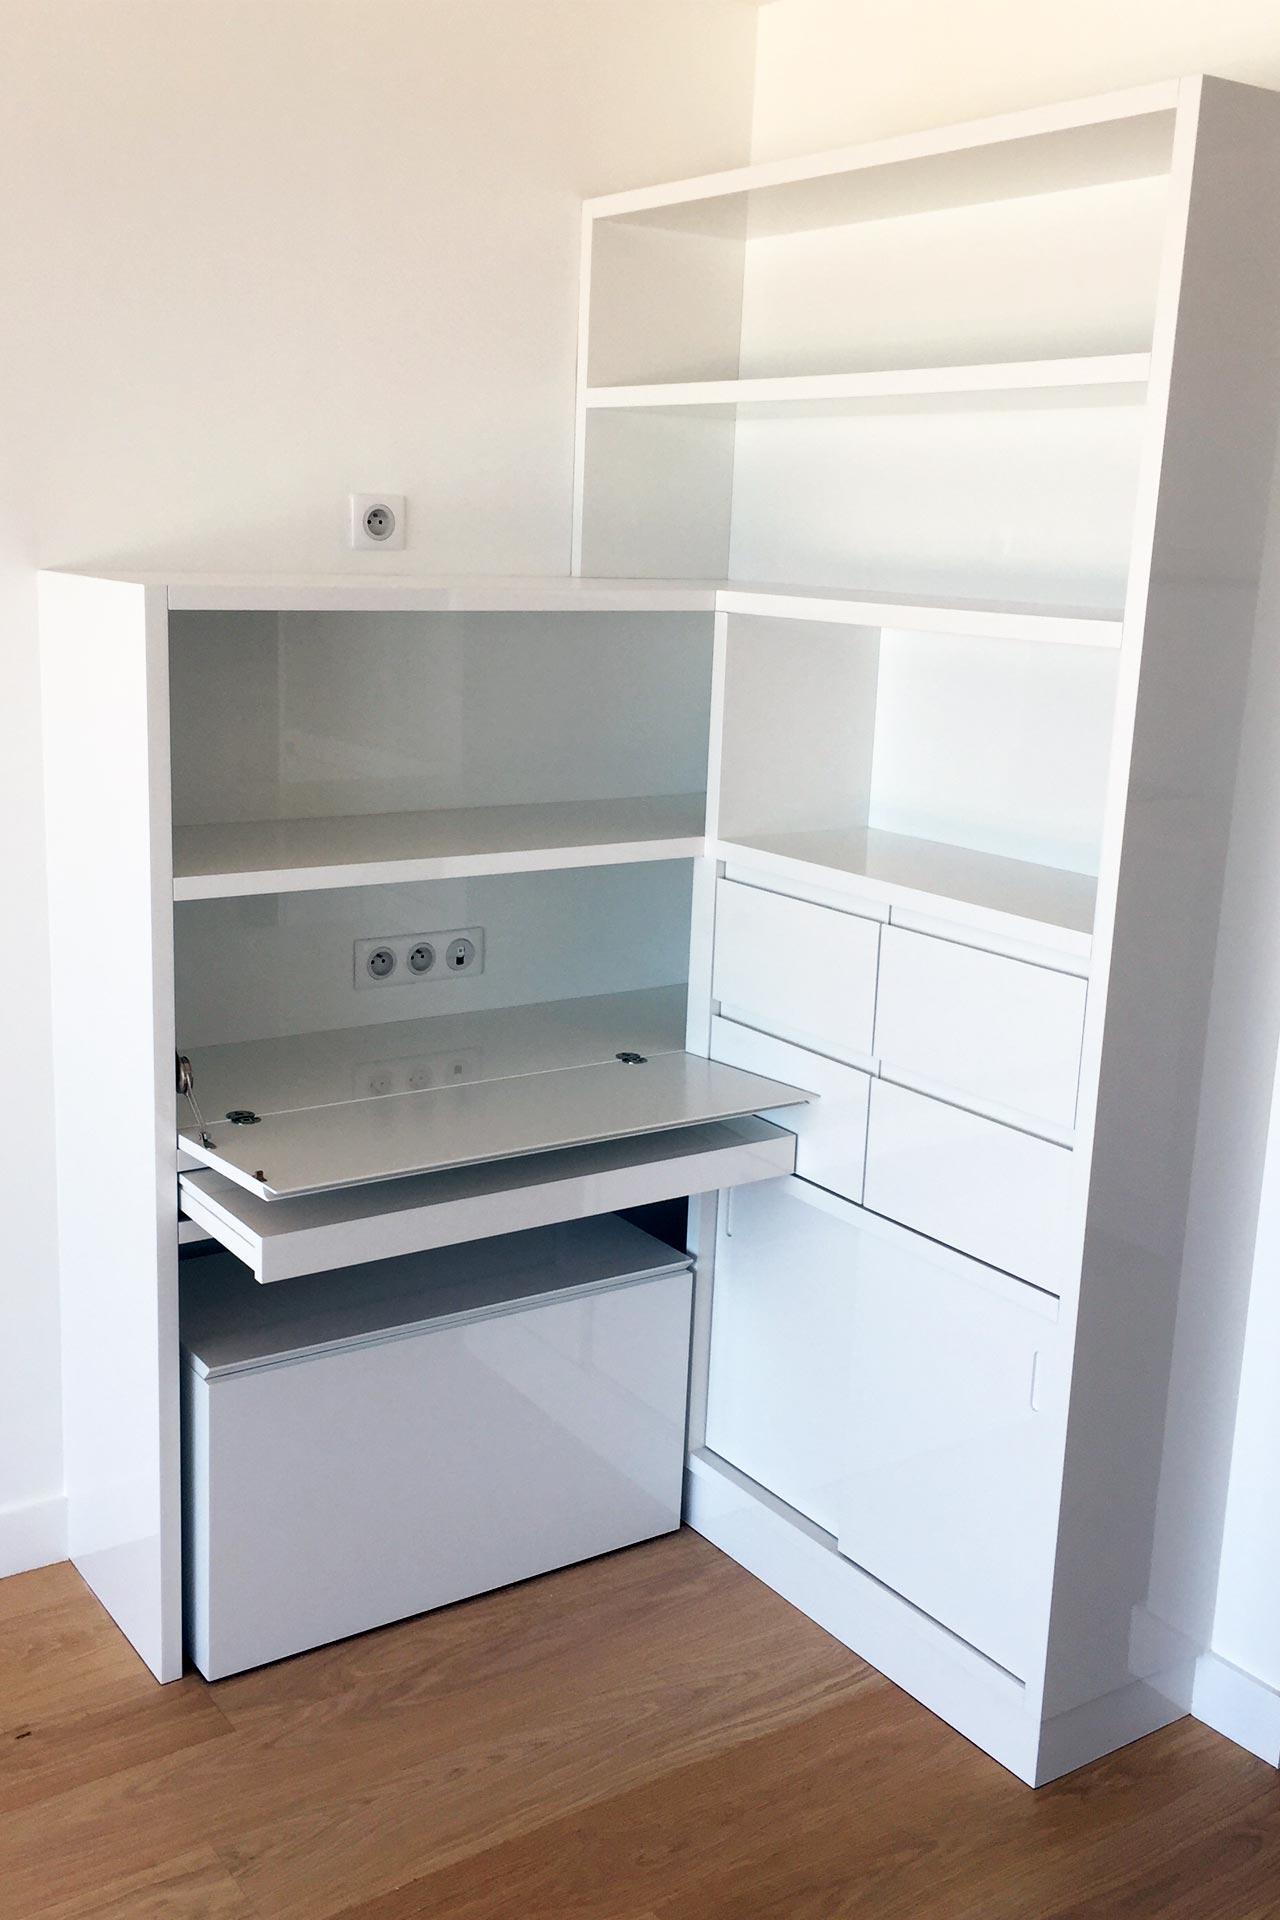 Bureau sur mesure - Transformation d'un appartement Architecture d'intérieur